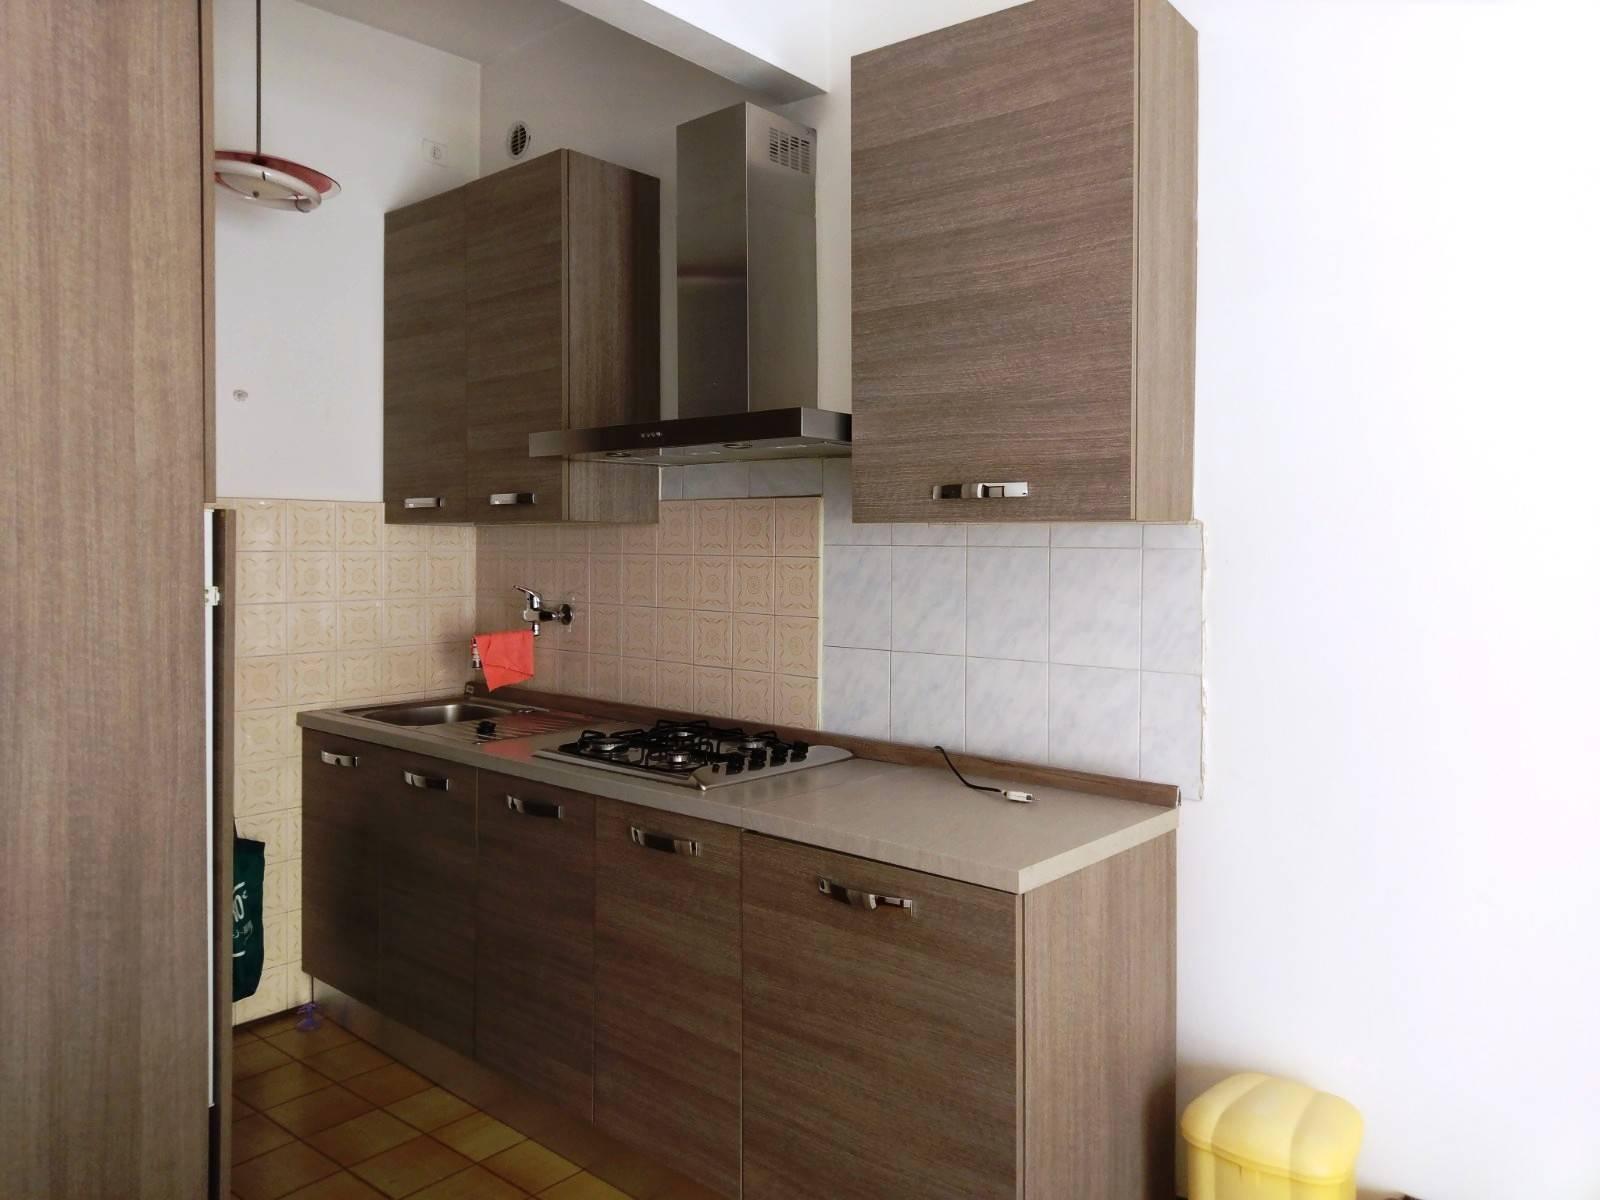 Appartamento in affitto a Prato, 4 locali, zona Località: SOCCORSO, prezzo € 750   CambioCasa.it